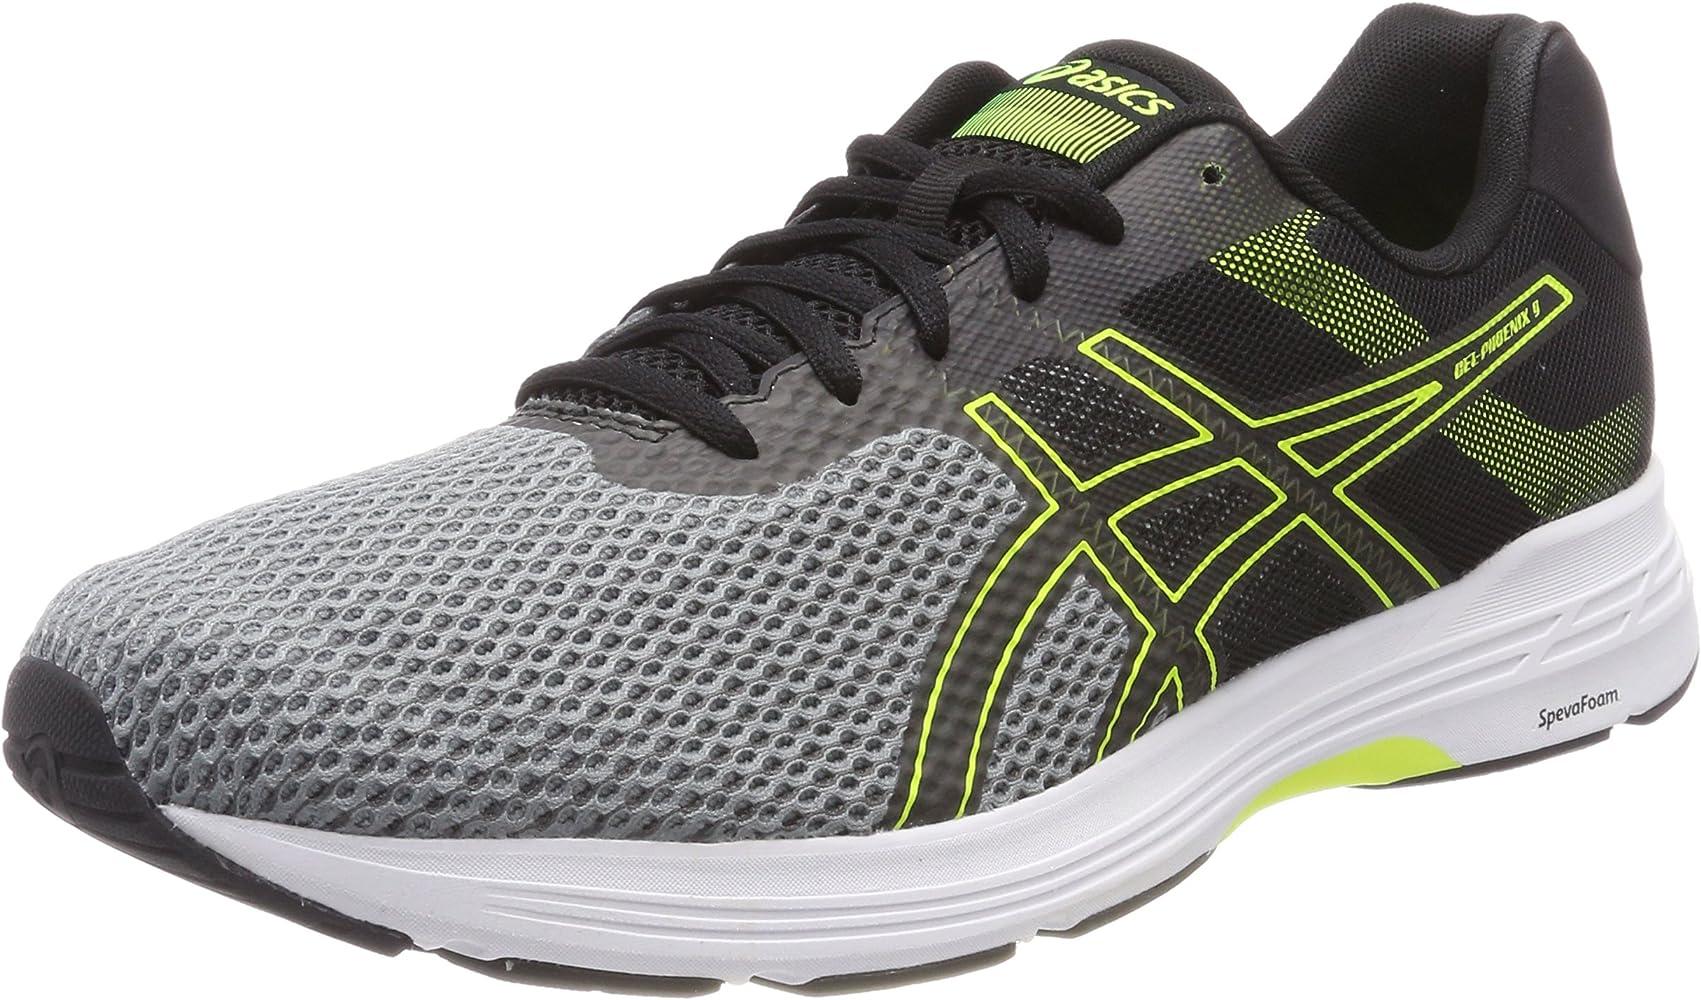 Buy ASICS Gel-Pheonix 9 Mens Running